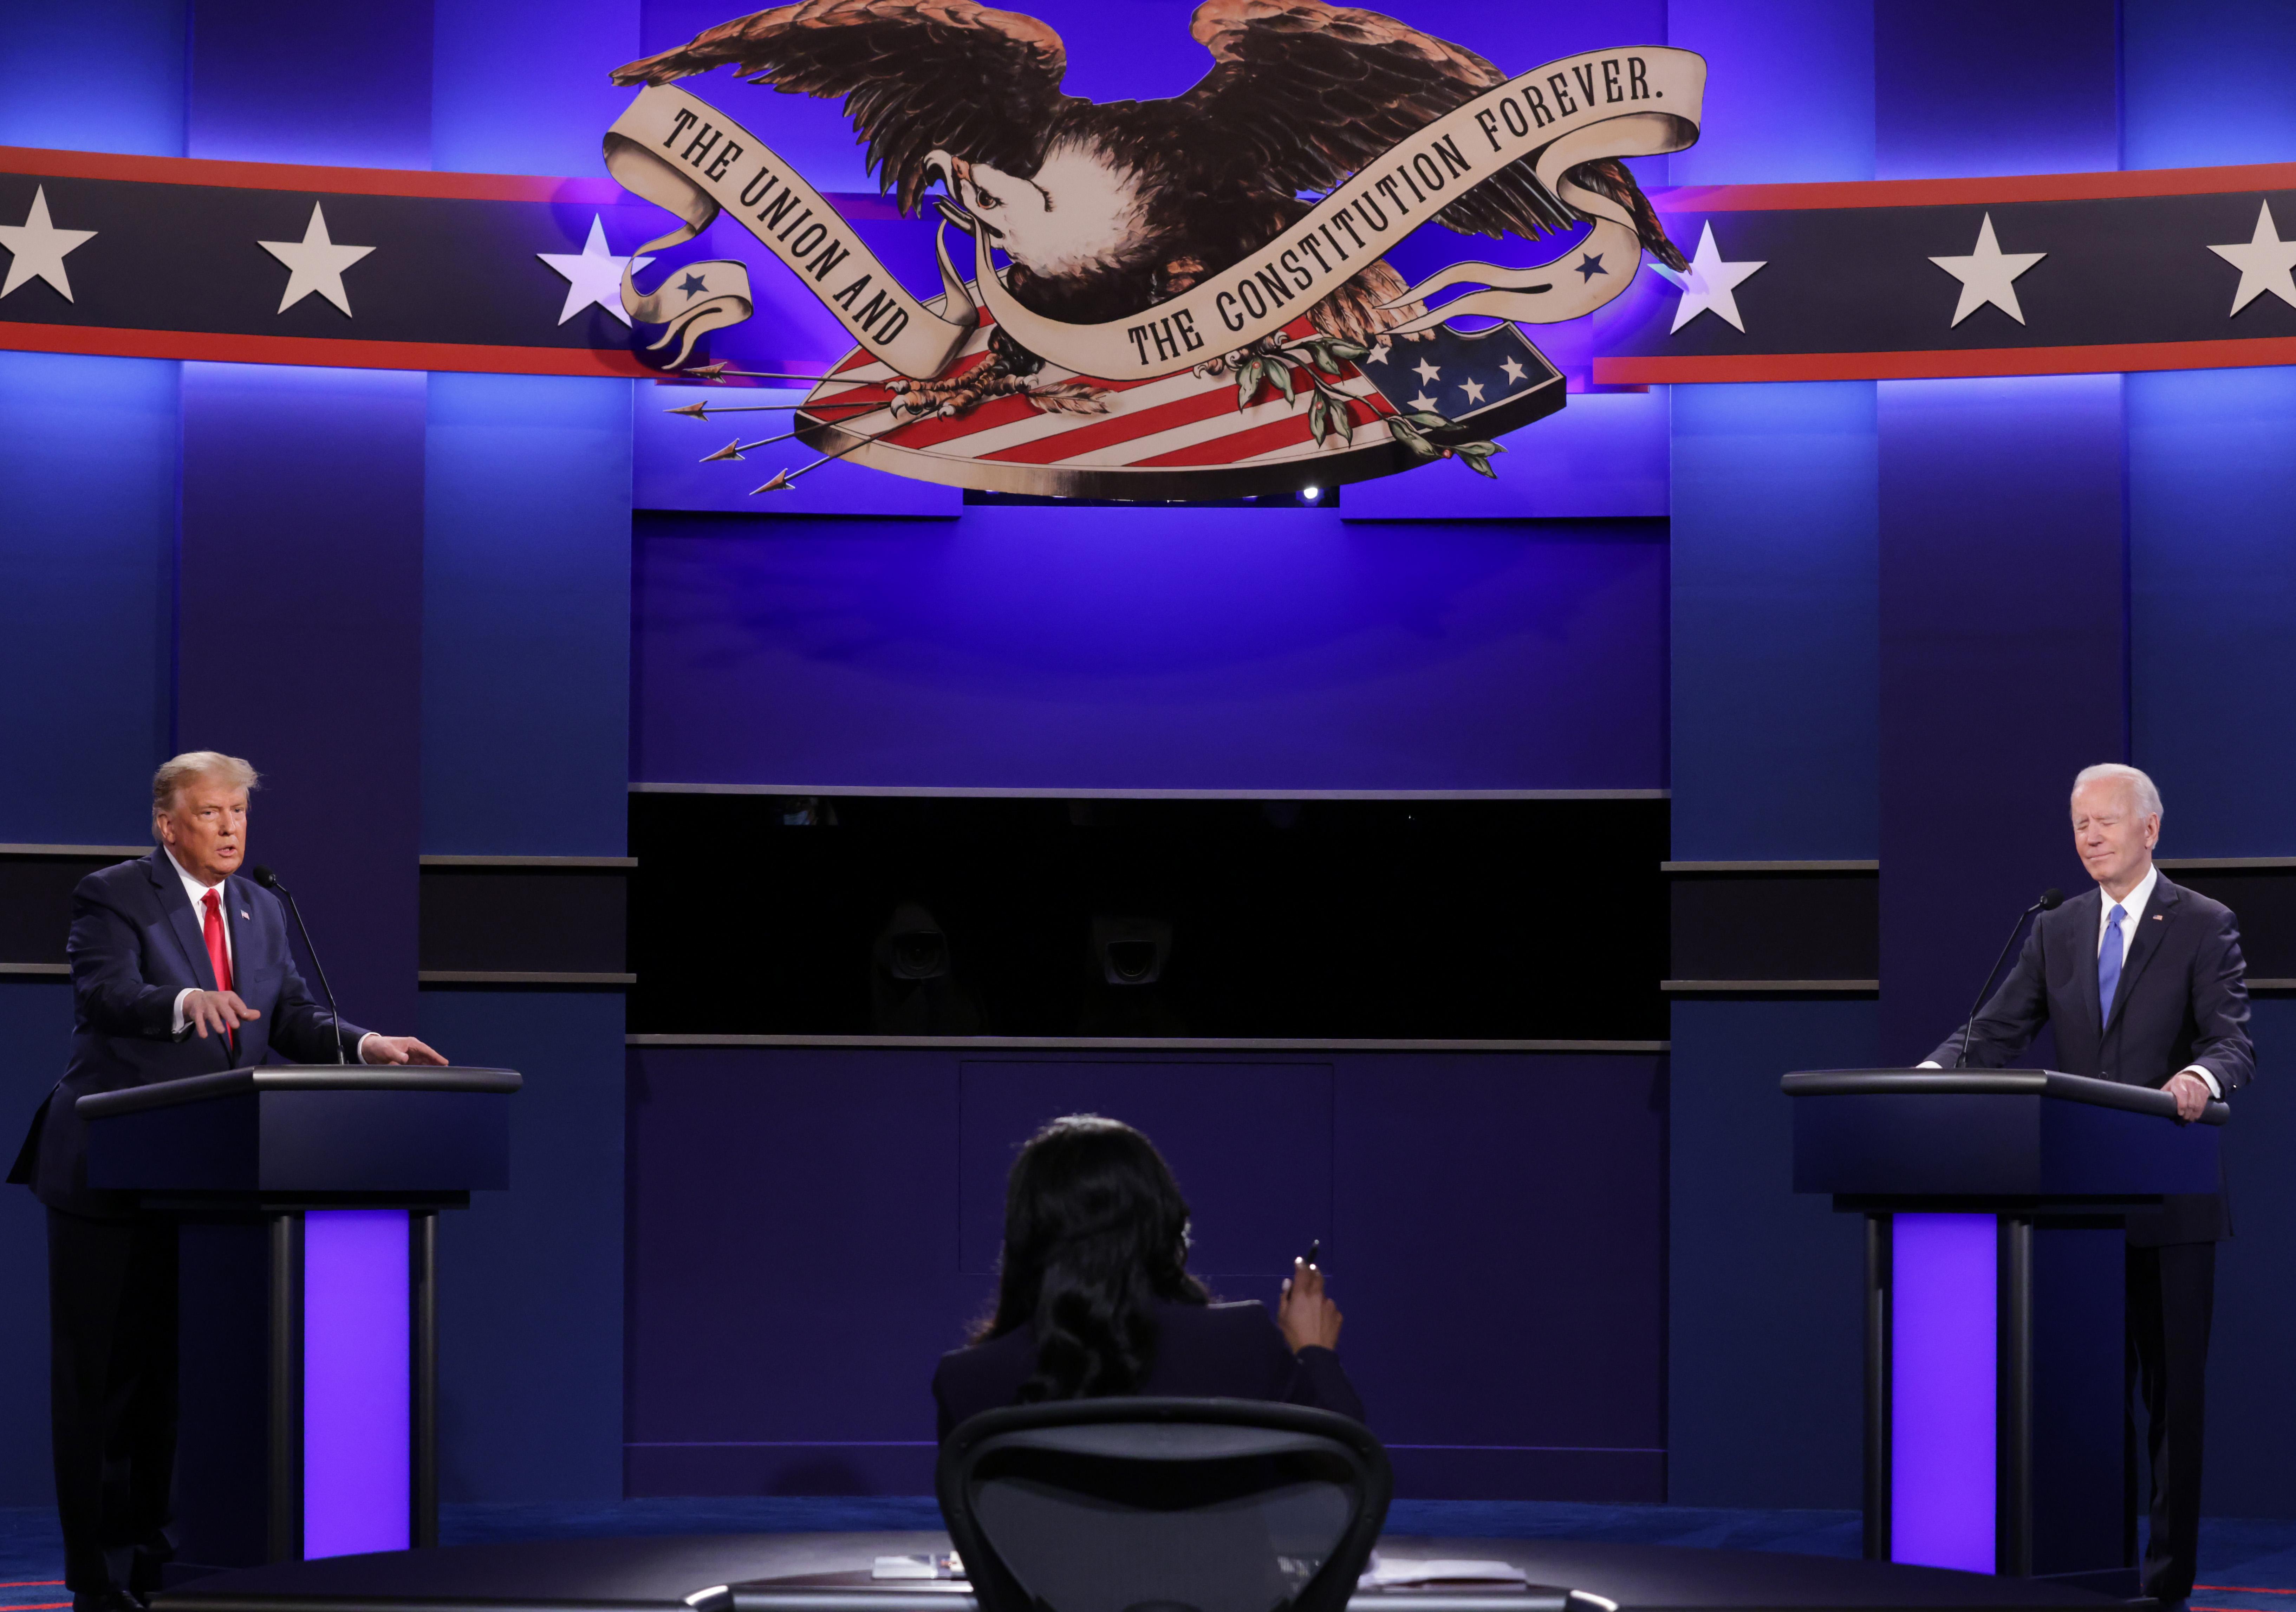 總統辯論 特朗普與拜登就亨特電腦門激辯